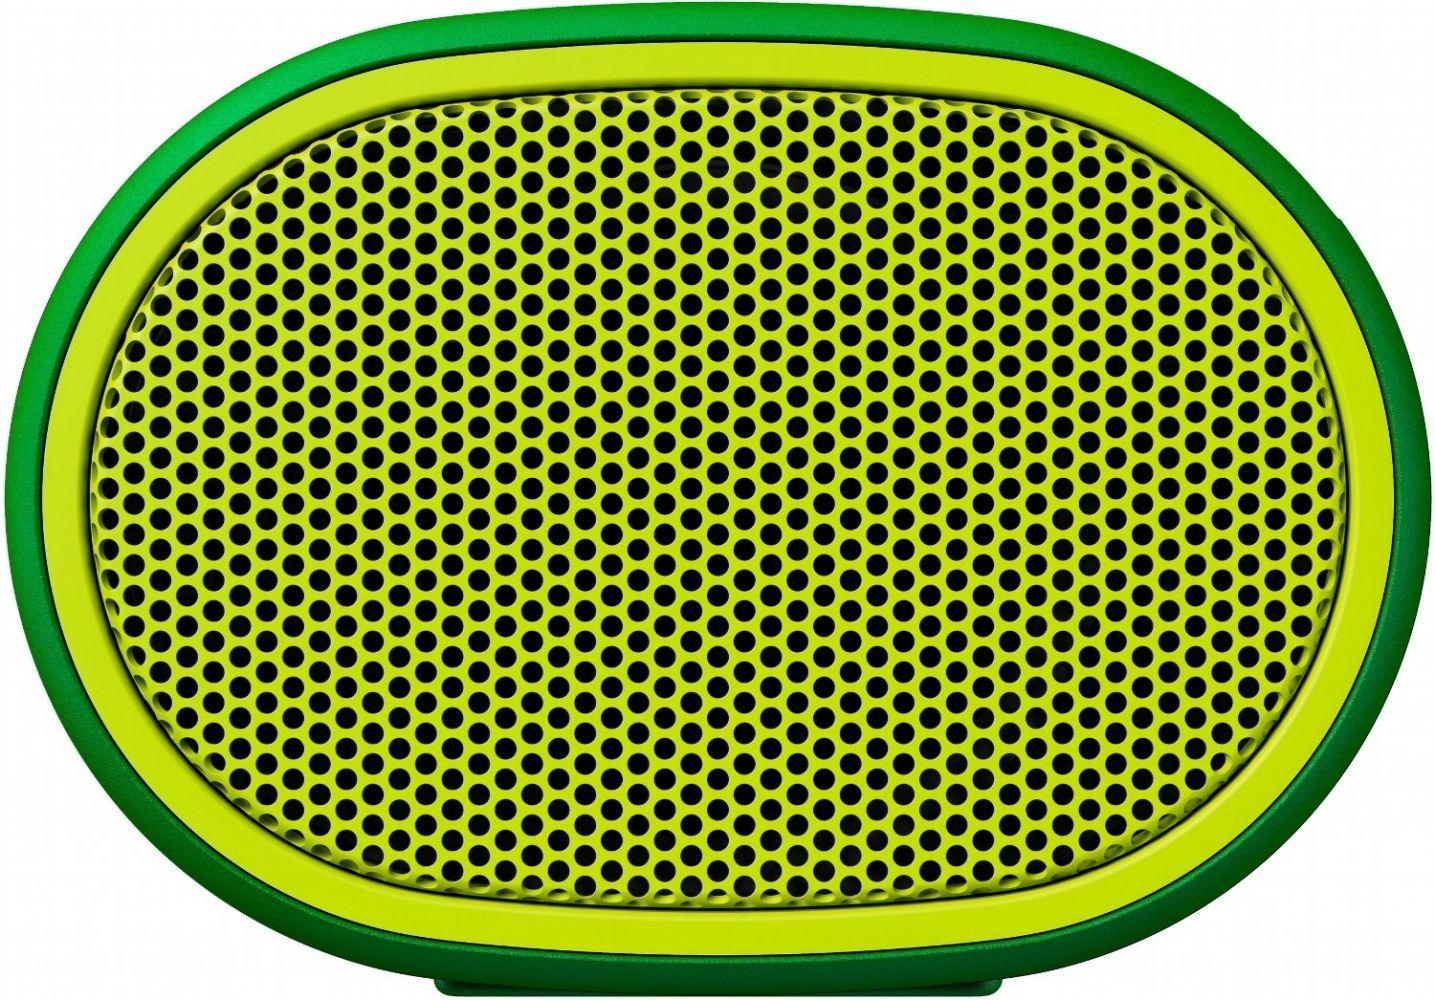 Акустическая система Sony SRS-XB01 (SRSXB01G.RU2) Green от Територія твоєї техніки - 2